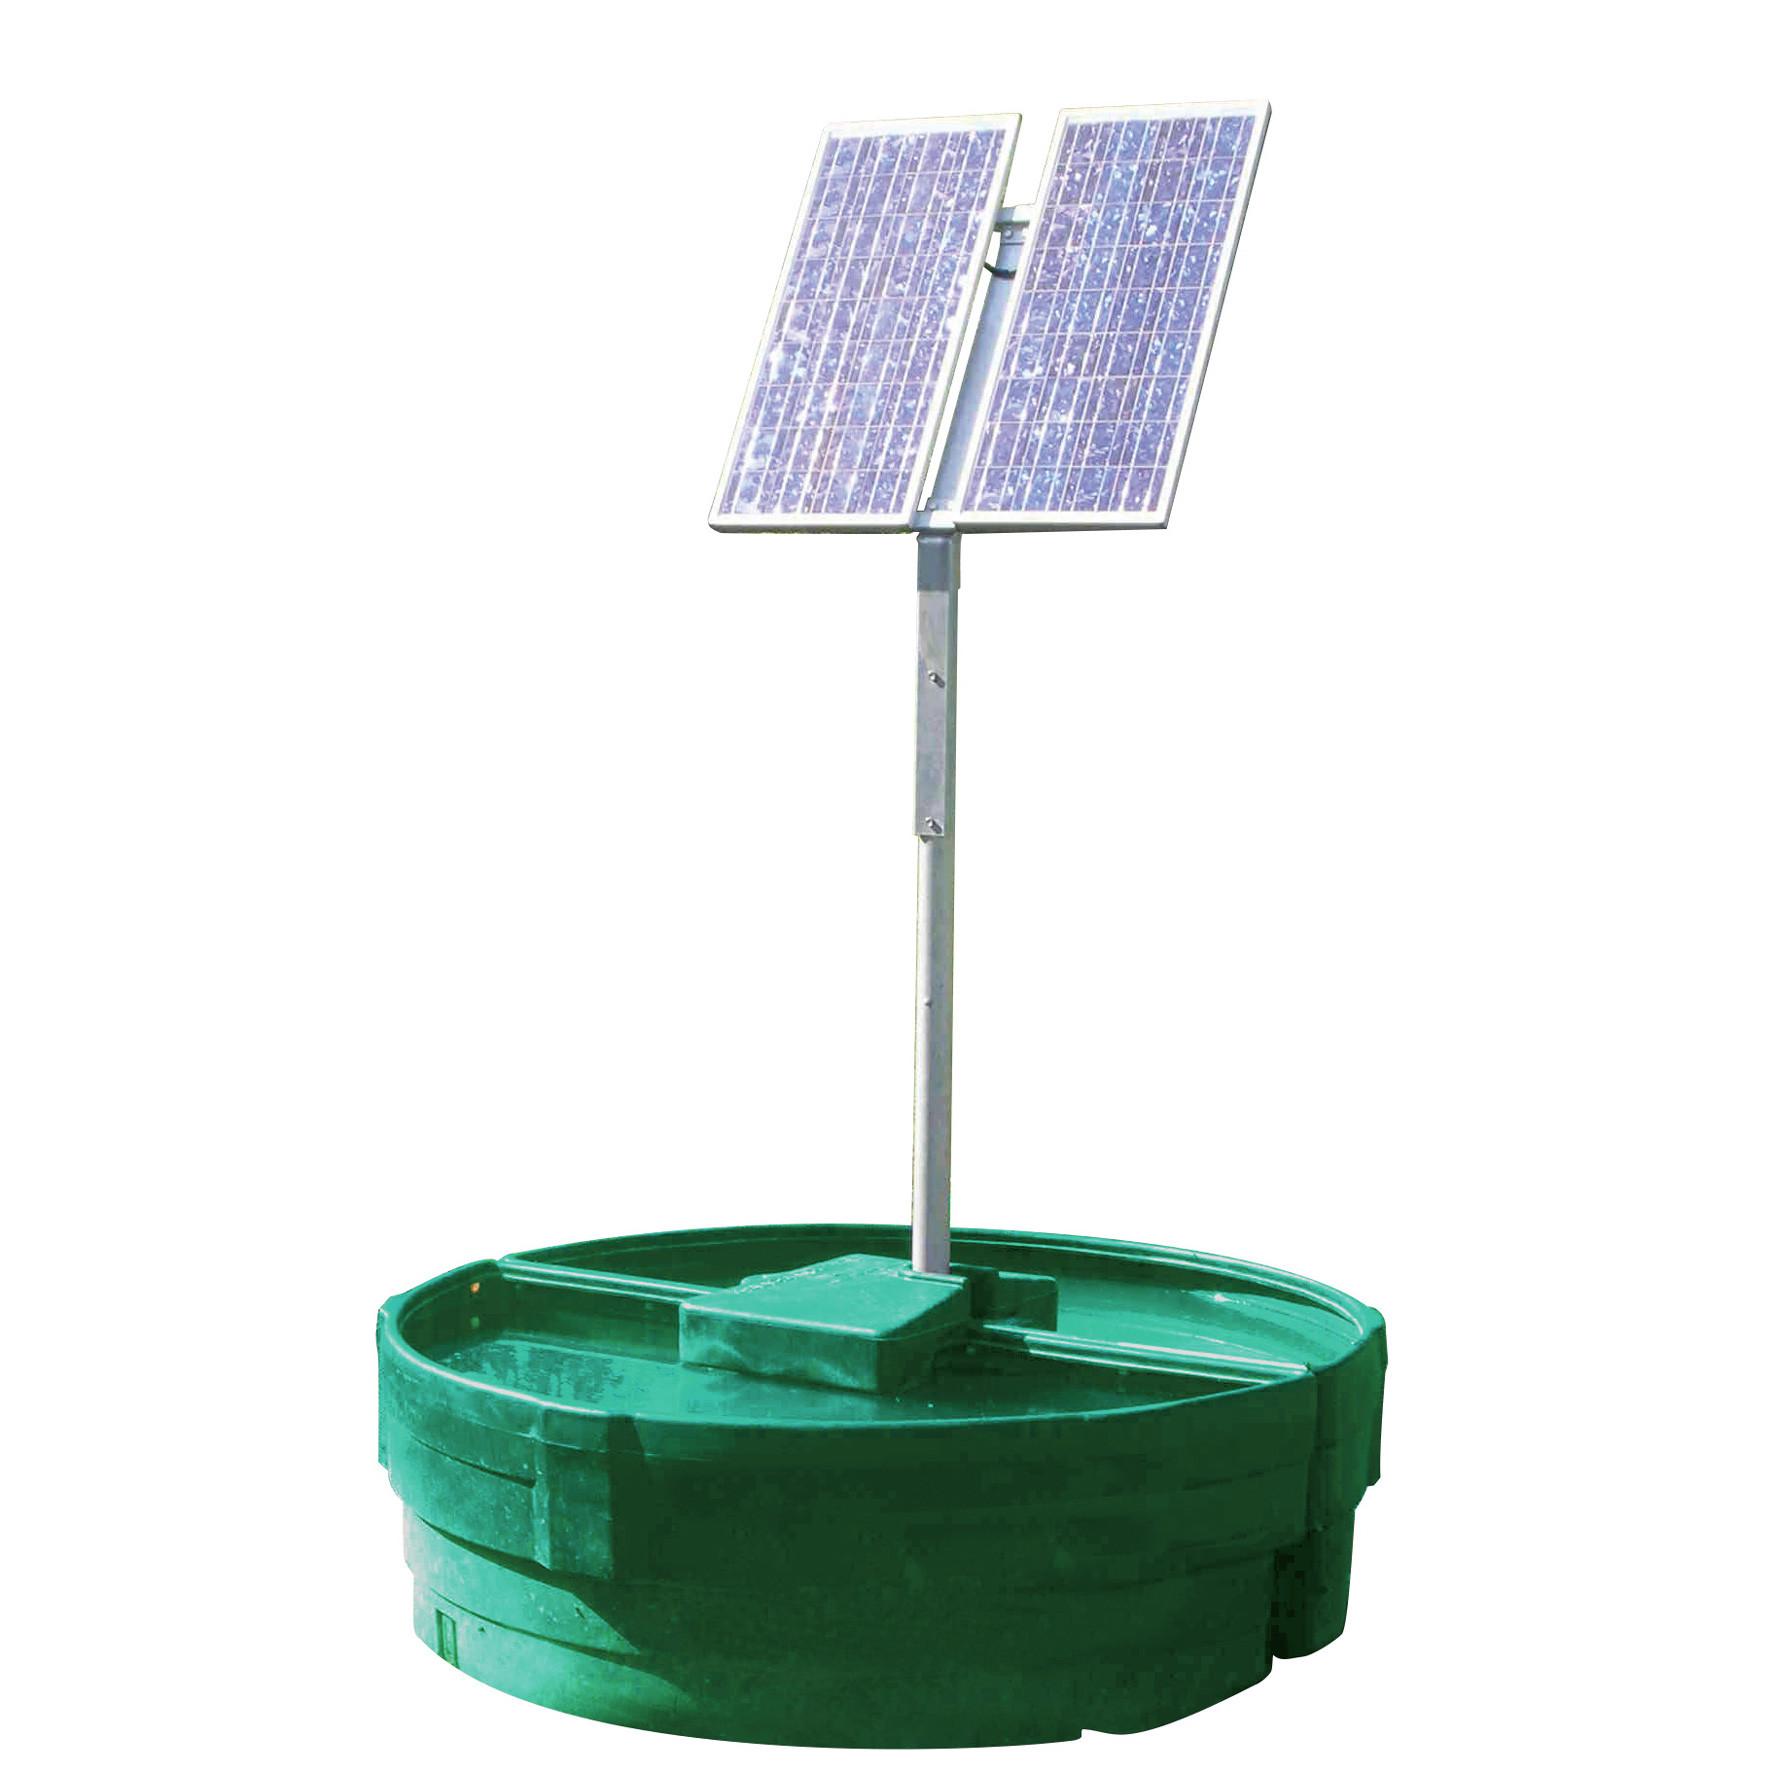 Abreuvoir à pompe solaire SOLAR-FLOW 1500 L